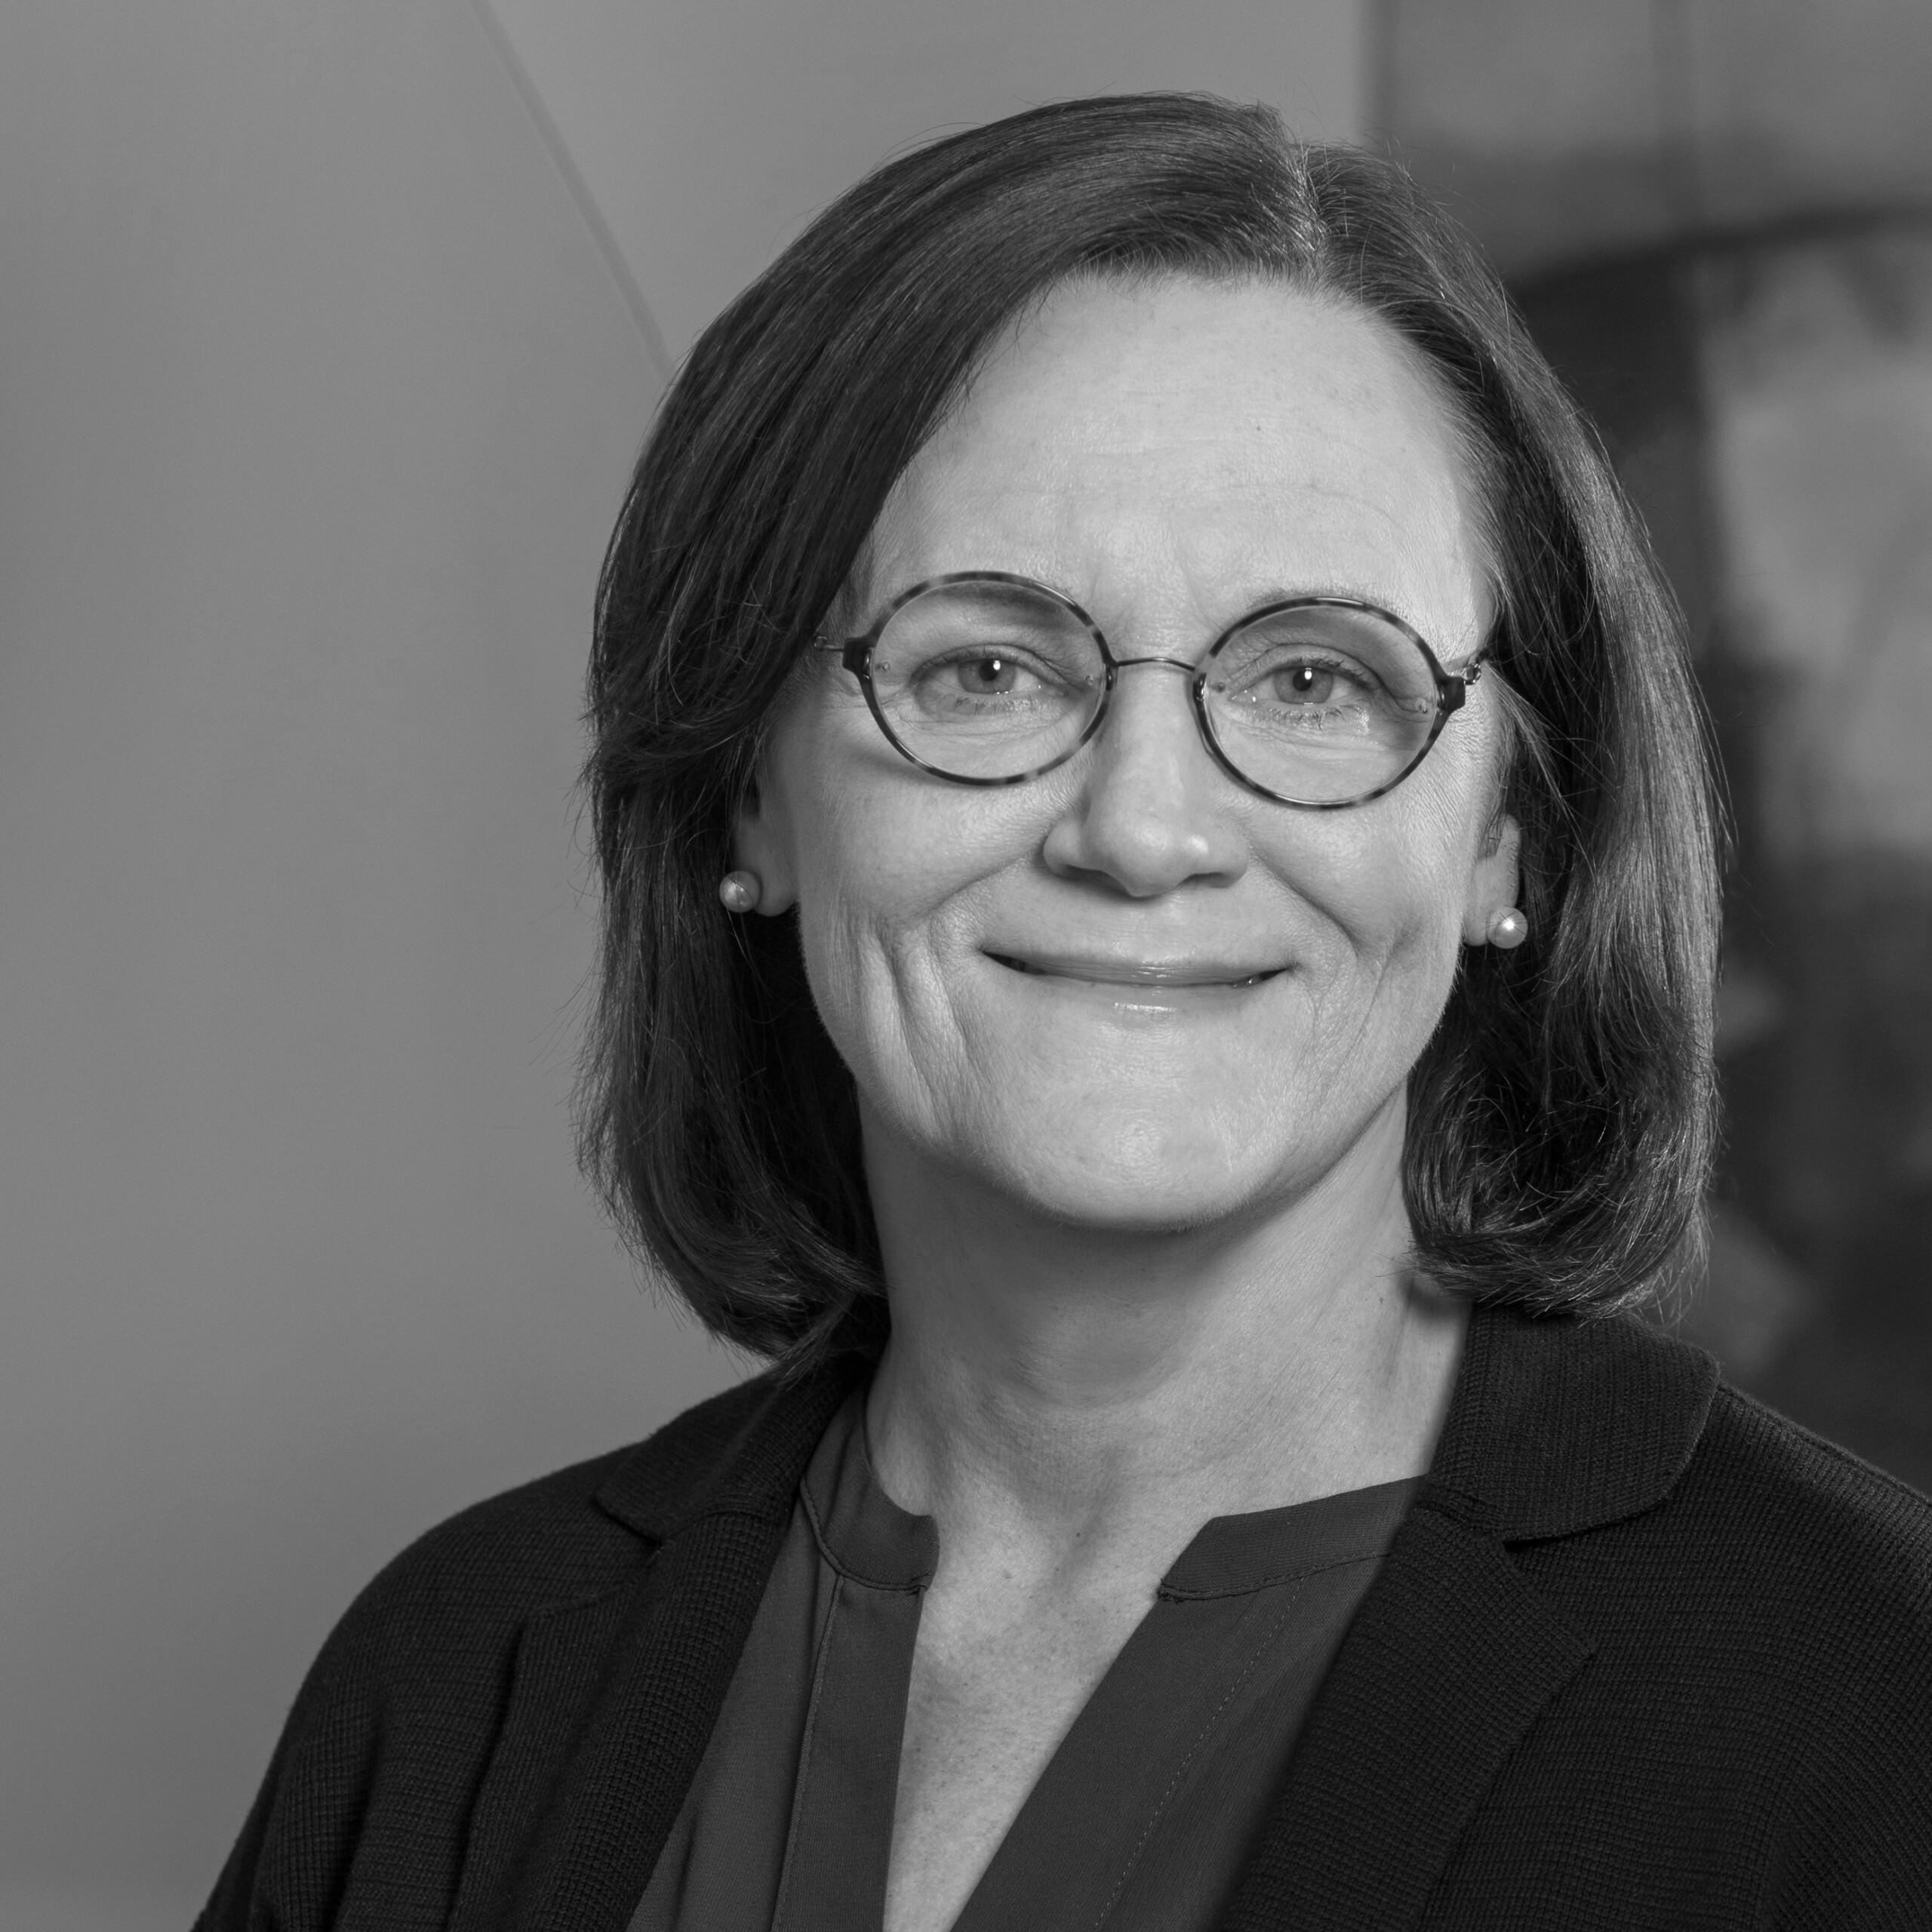 Dr. Cynthia Westermann